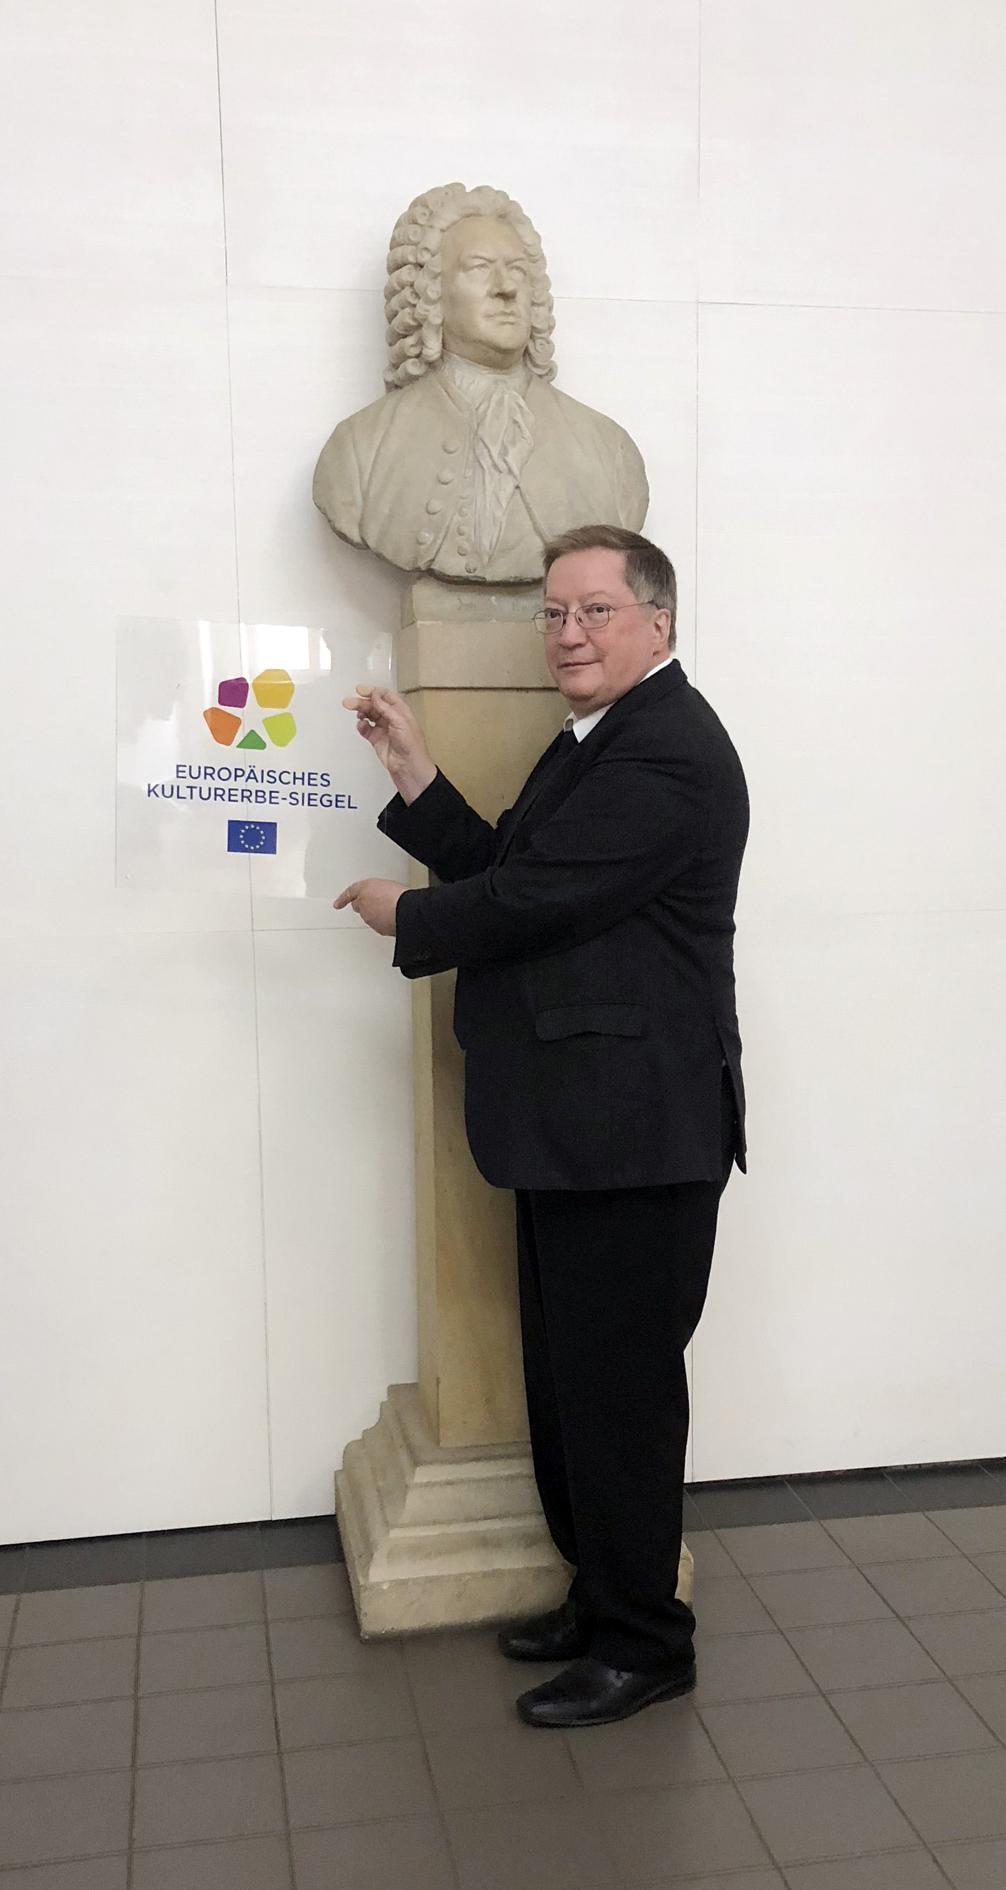 Dr. Stefan Altner, Geschäftführer des Thomanerchor Leipzig, mit dem Europäisches Kulturerbe-Siegel